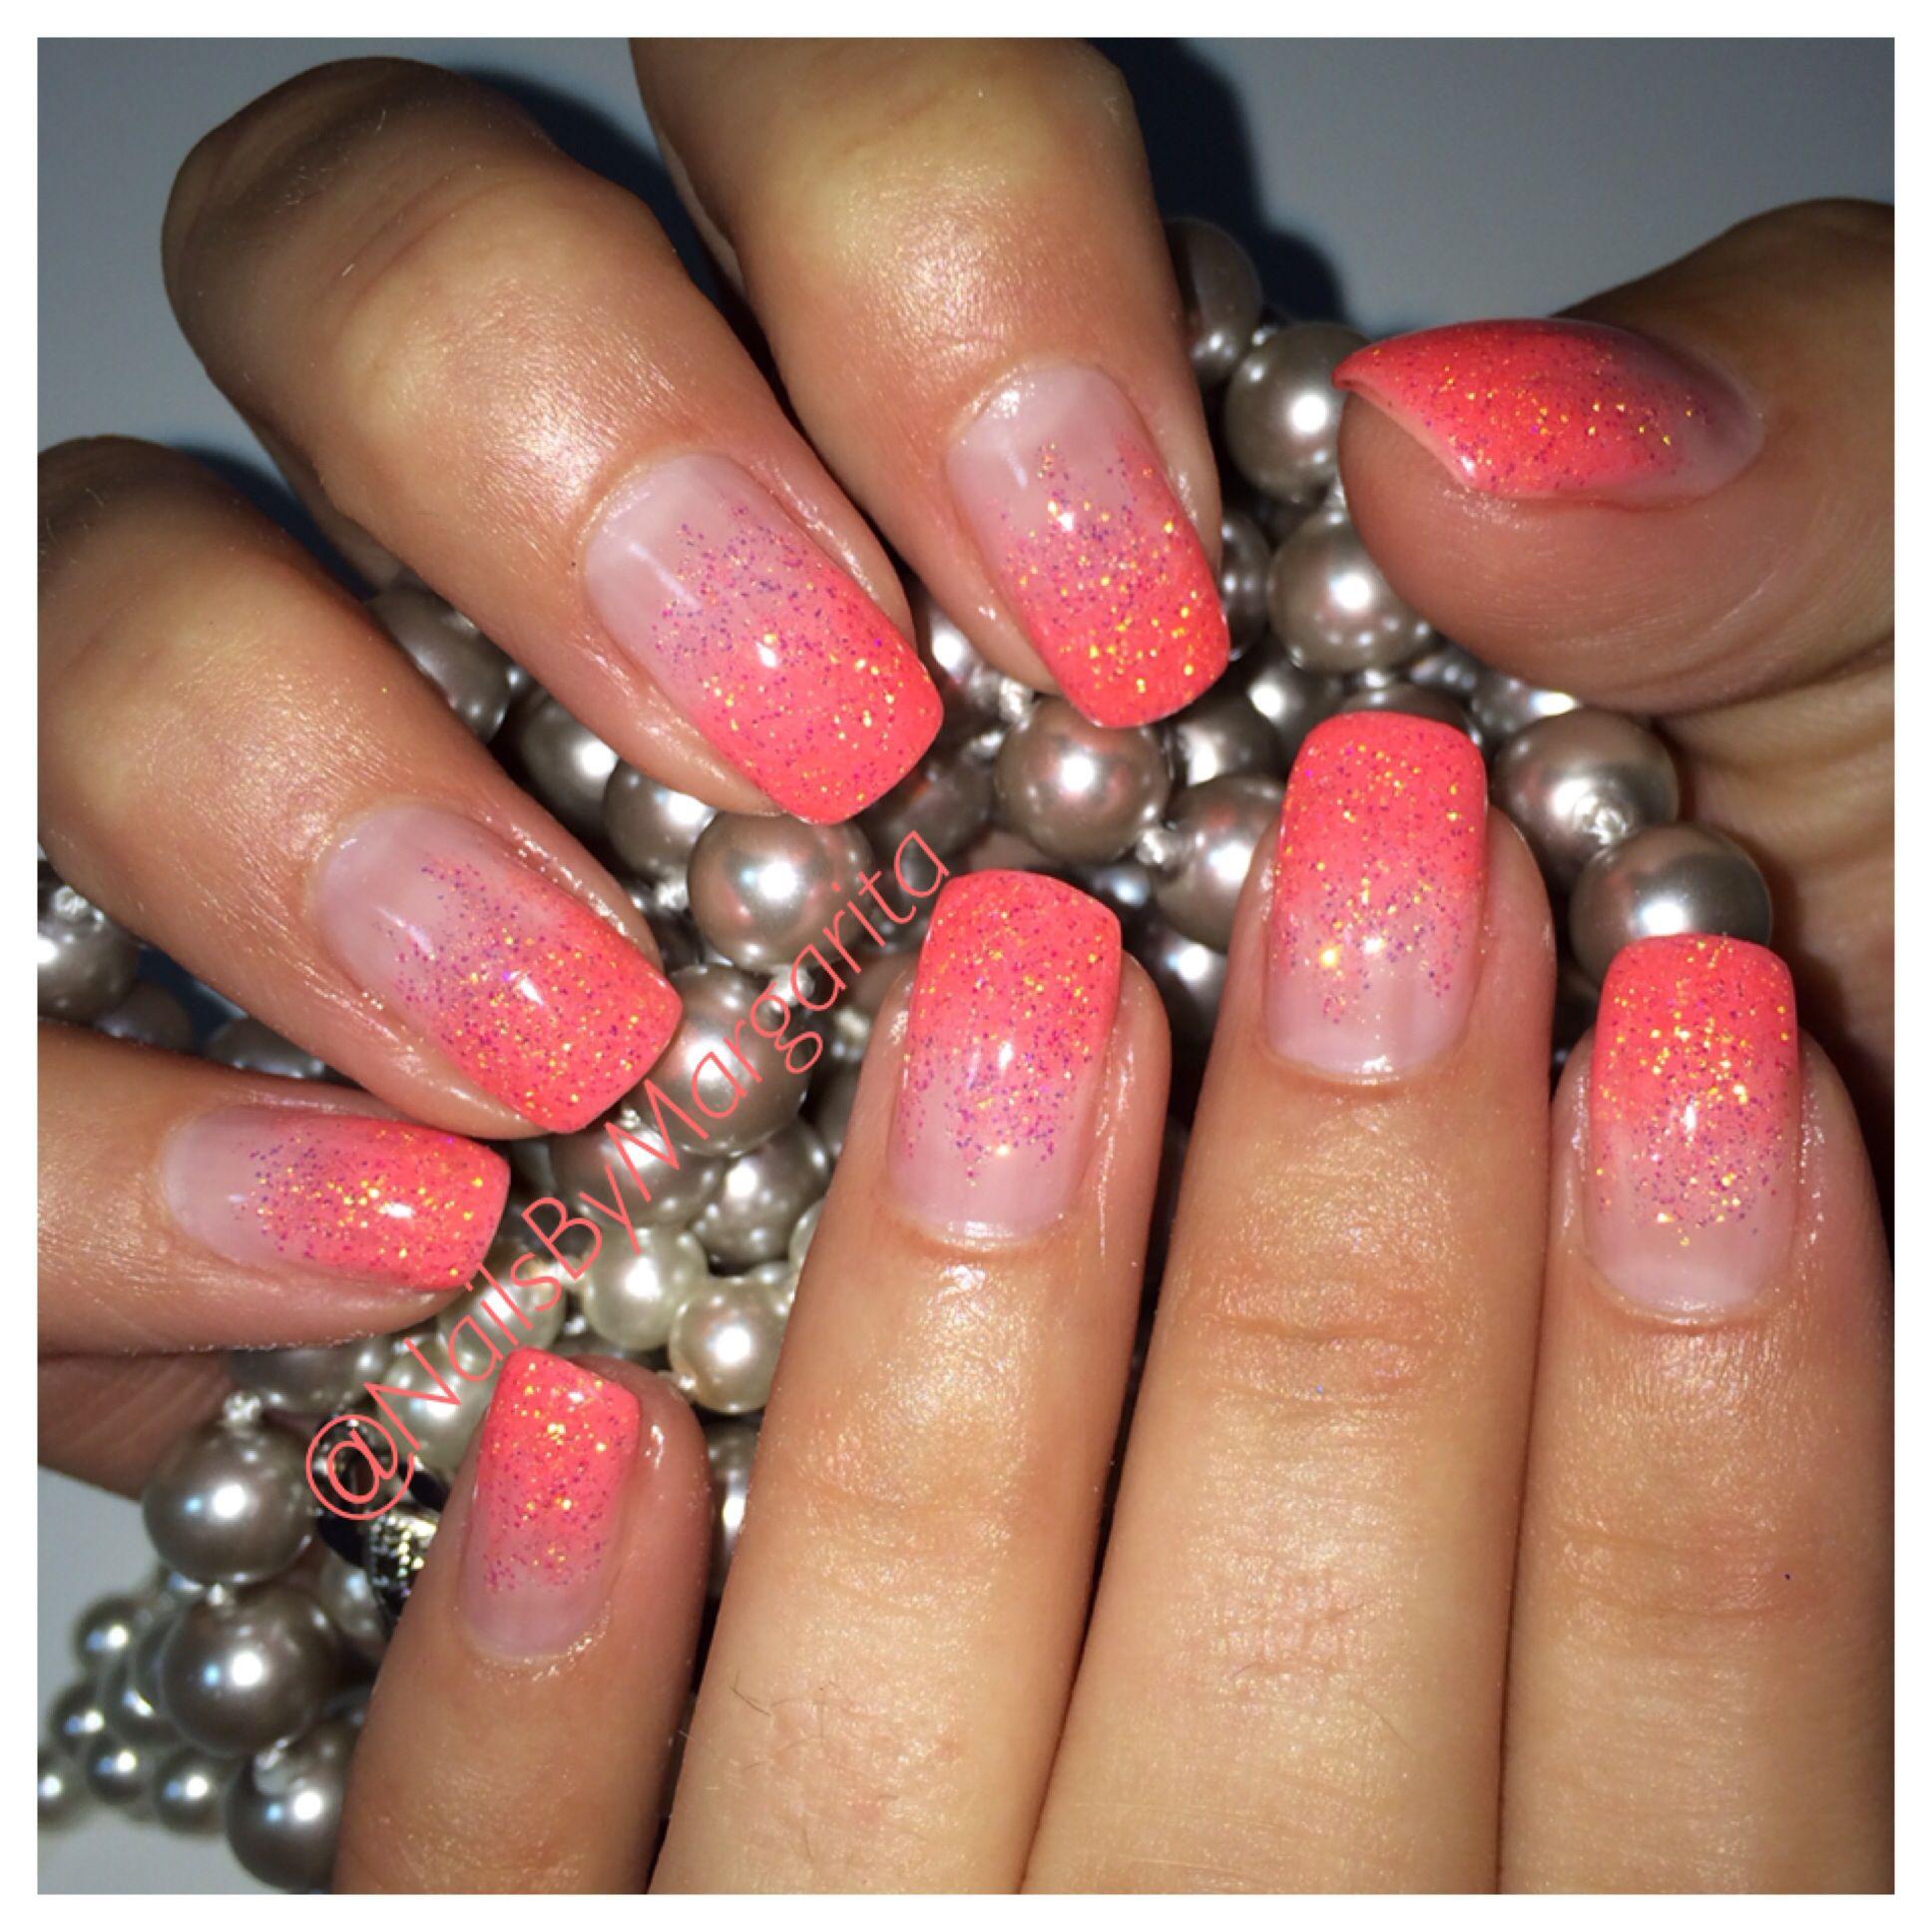 coral ombr nails glitter gel summer 2014 nail design bymargarita nails pinterest geln gel. Black Bedroom Furniture Sets. Home Design Ideas